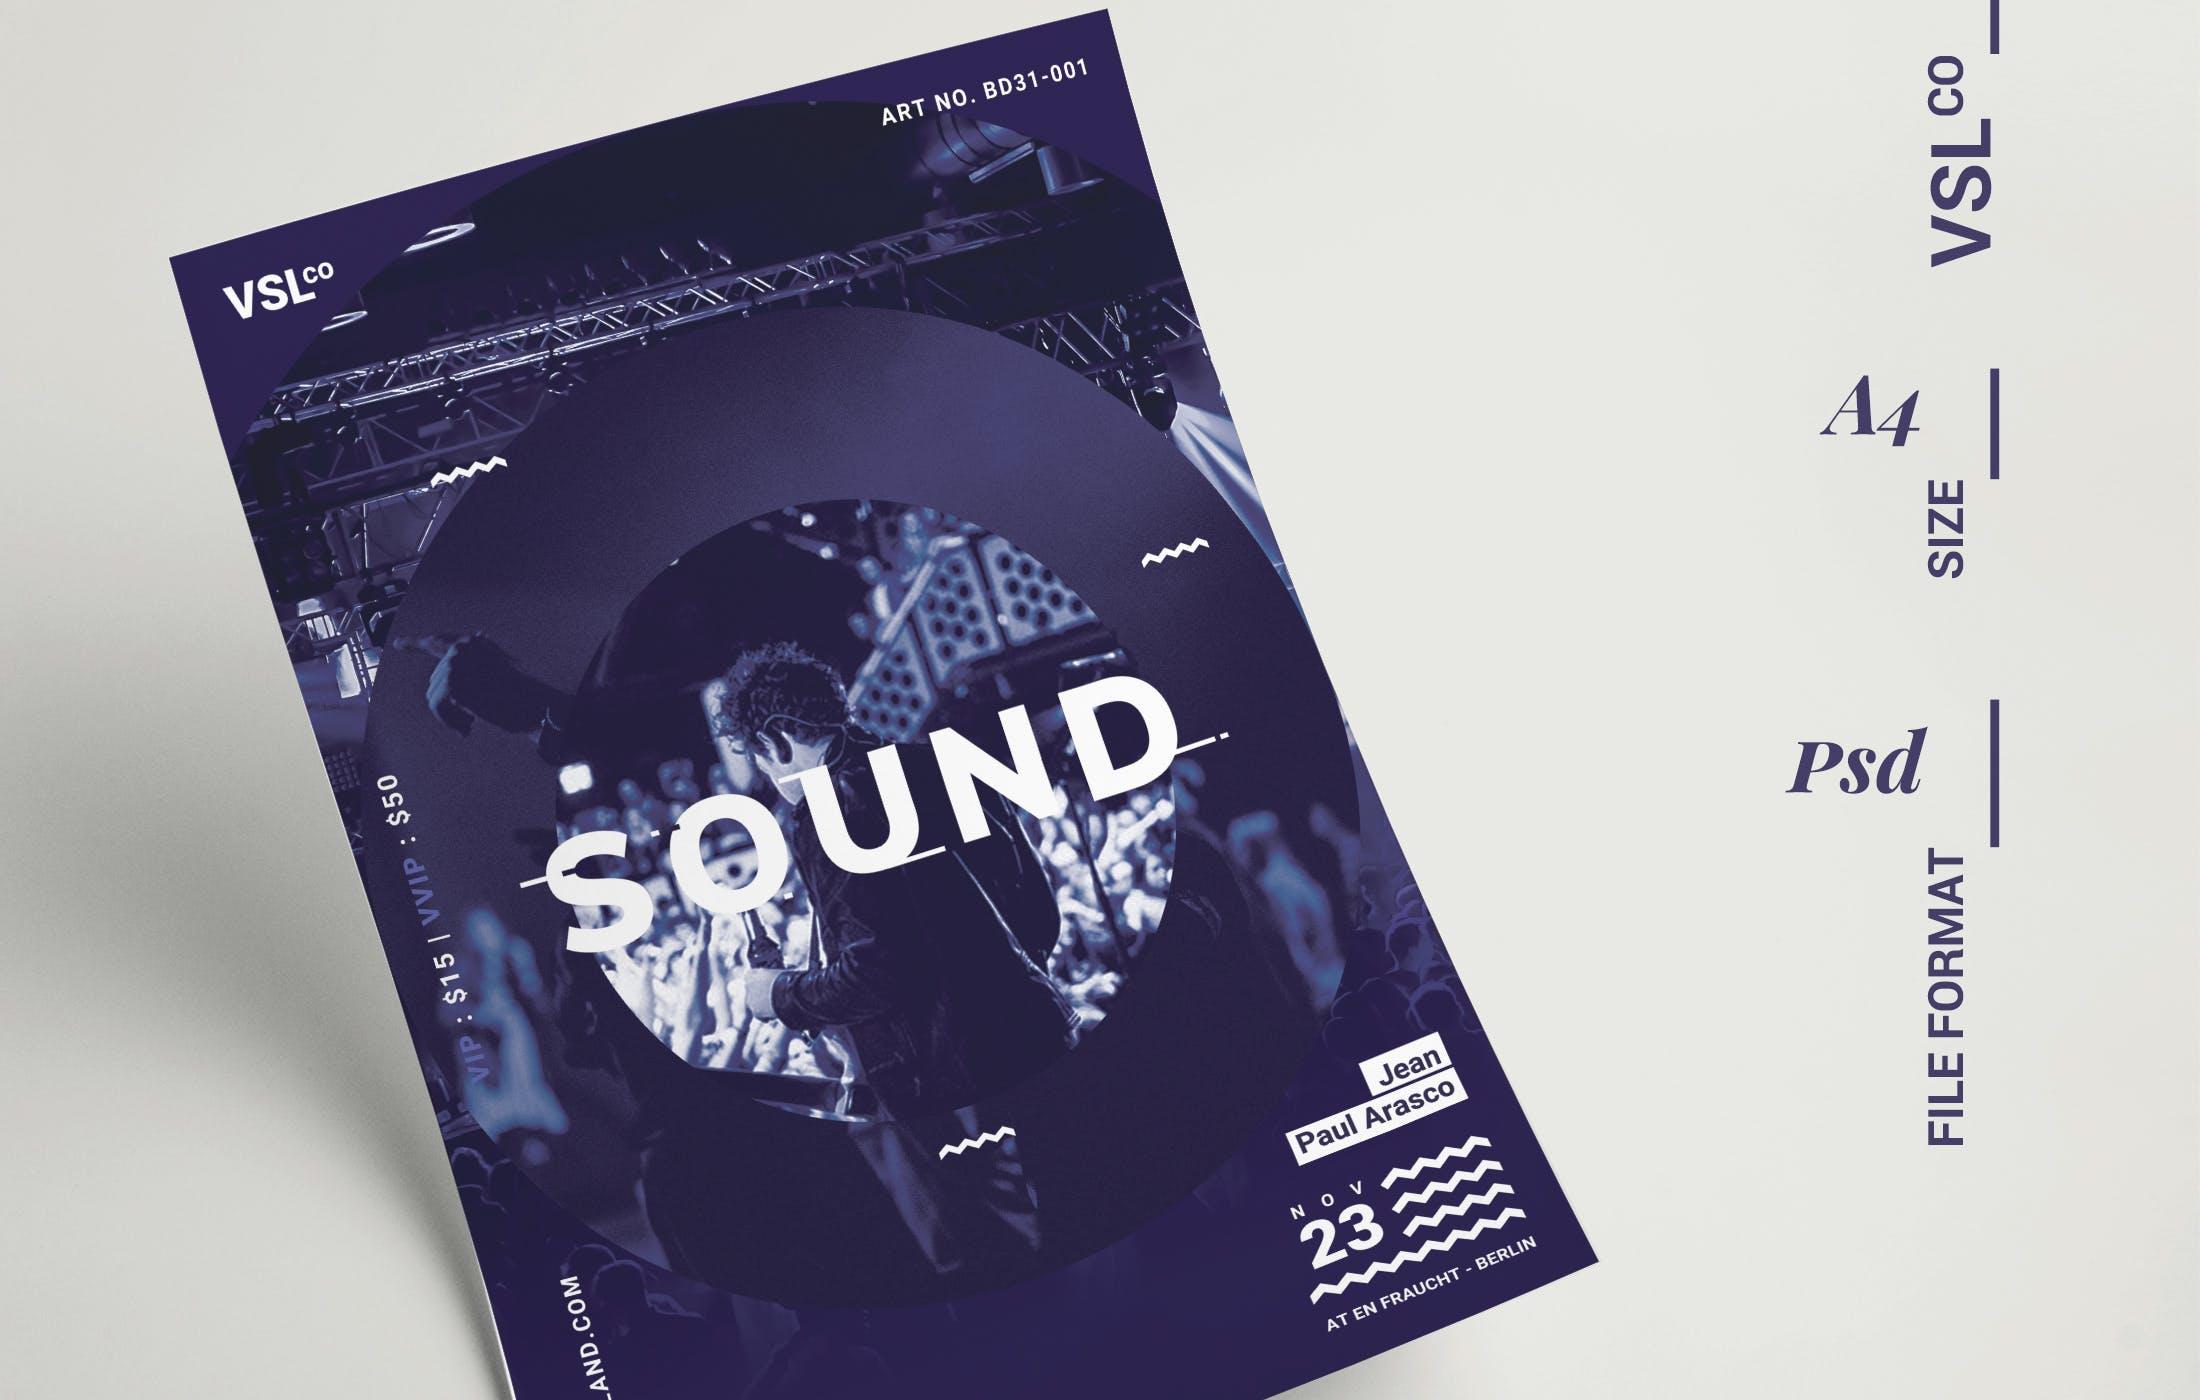 音乐演唱会活动海报/传单模板展示素材Music Poster